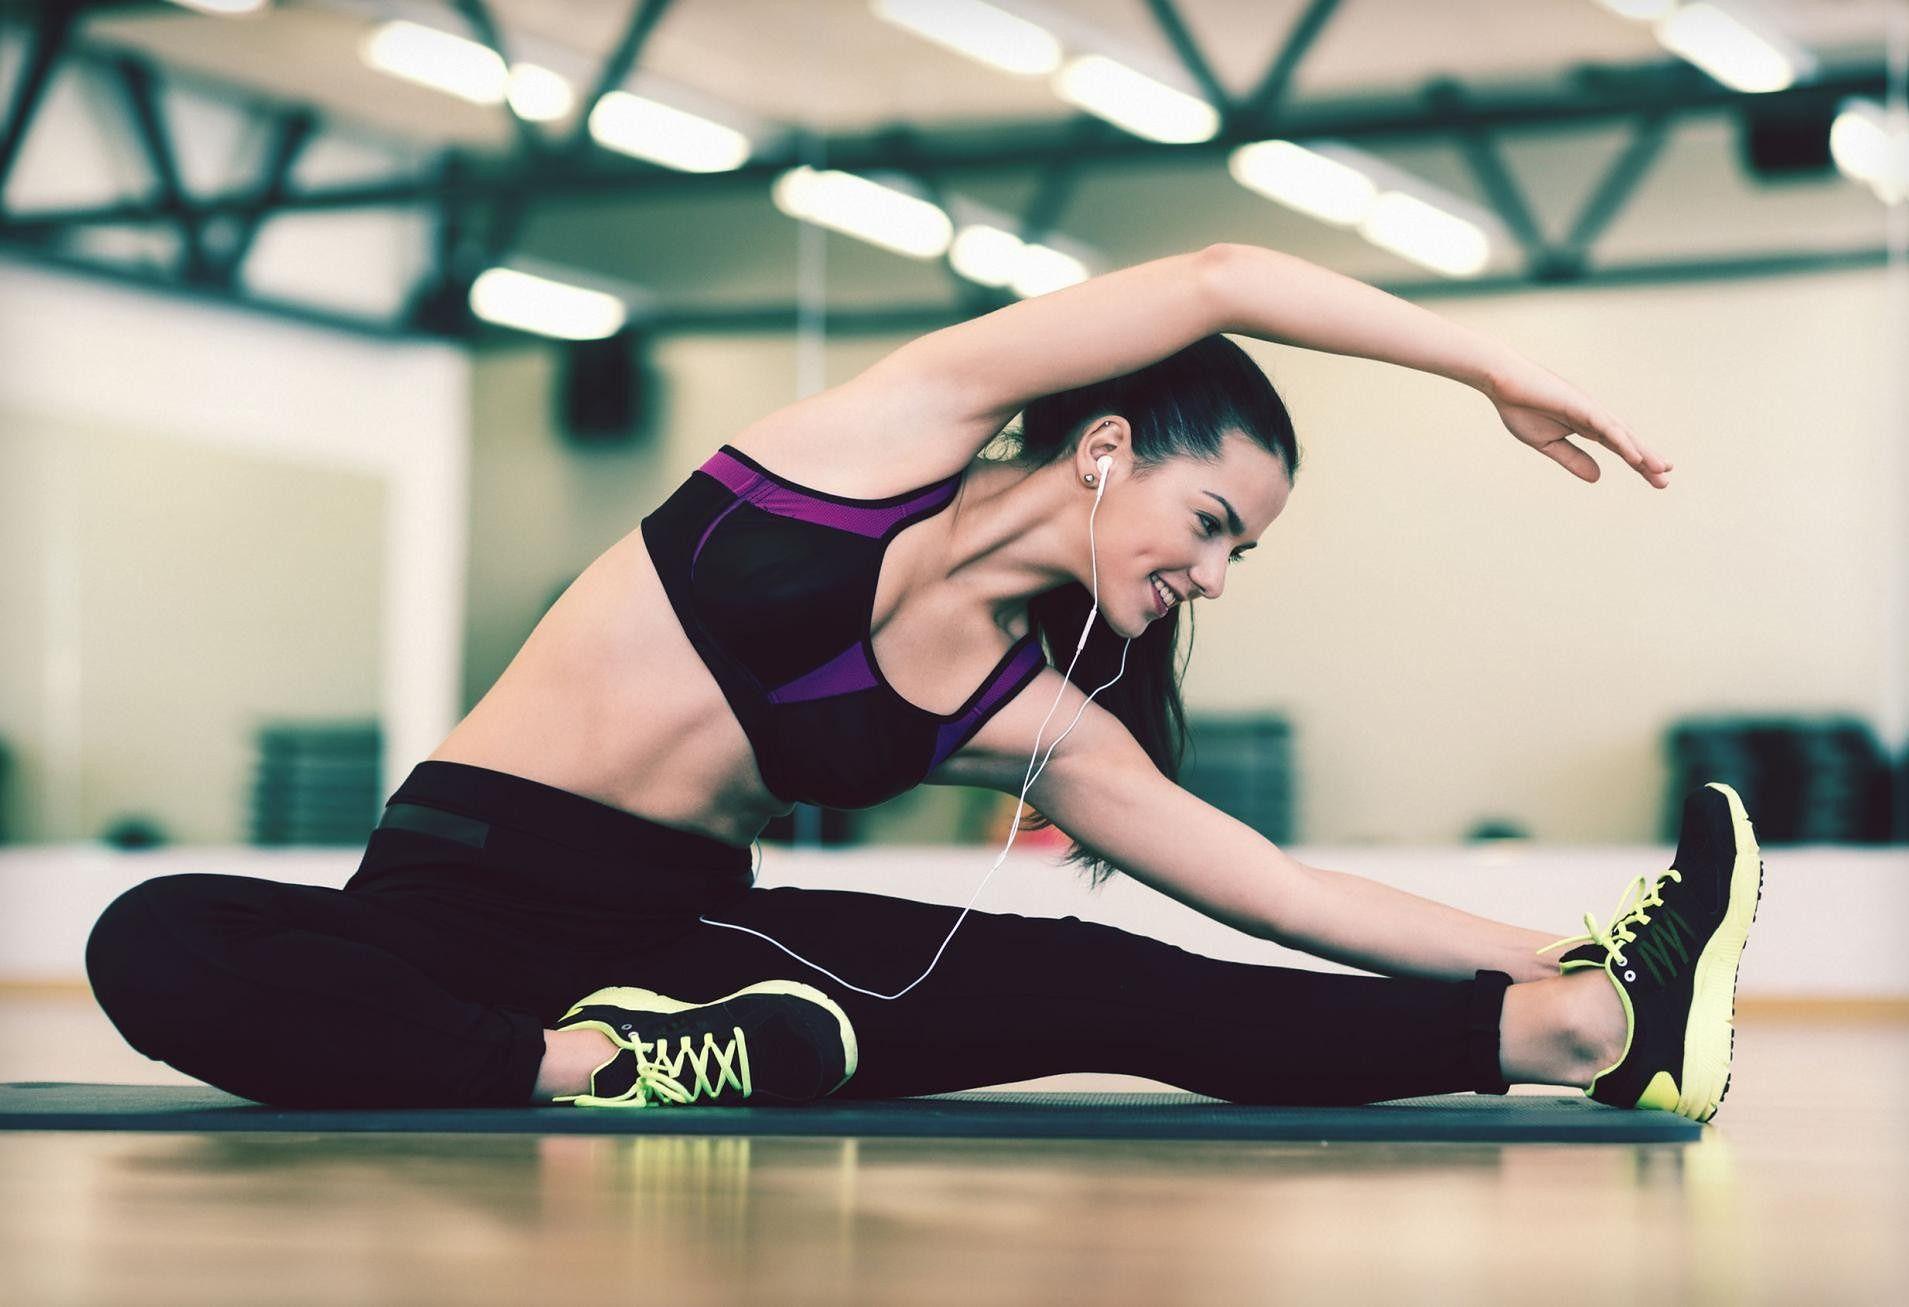 152f108bb59389 Ćwiczenia na brzuch - plank, wykroki, przysiady, brzuszki, łuk, 6 weidera |  WP abcZdrowie